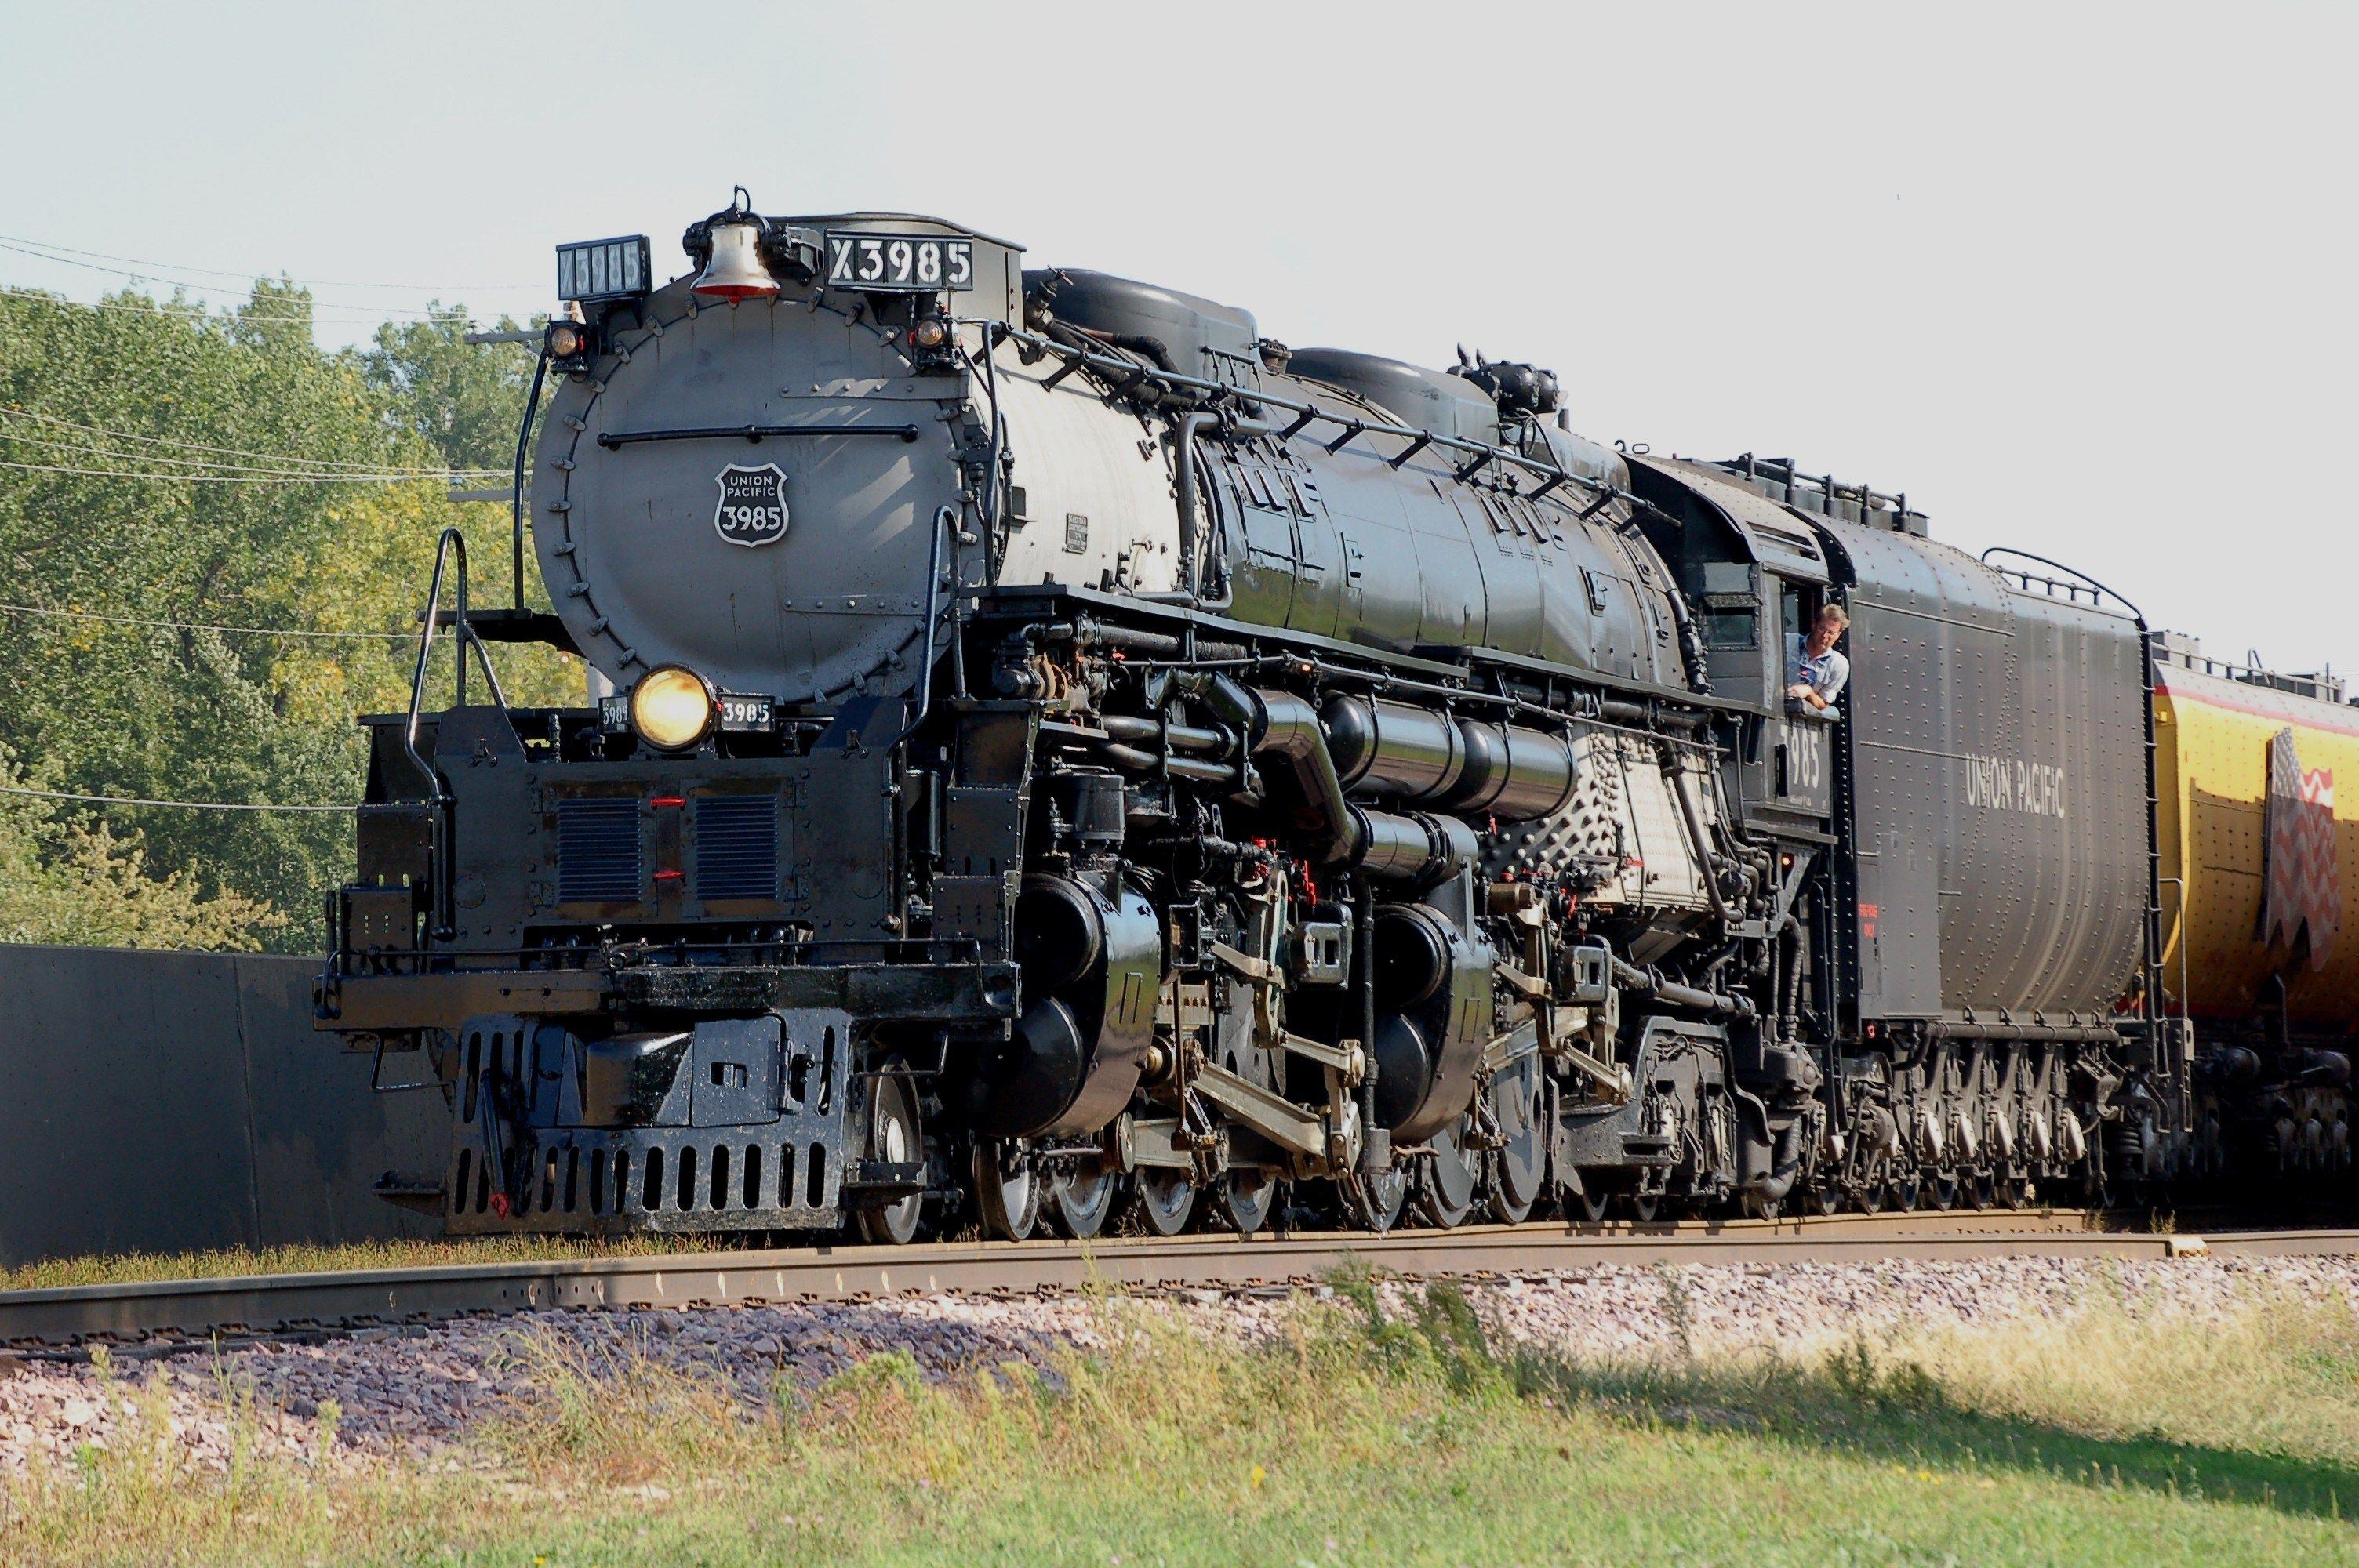 train wallpaper Full HD Backgrounds, 1275 kB Jaxsen